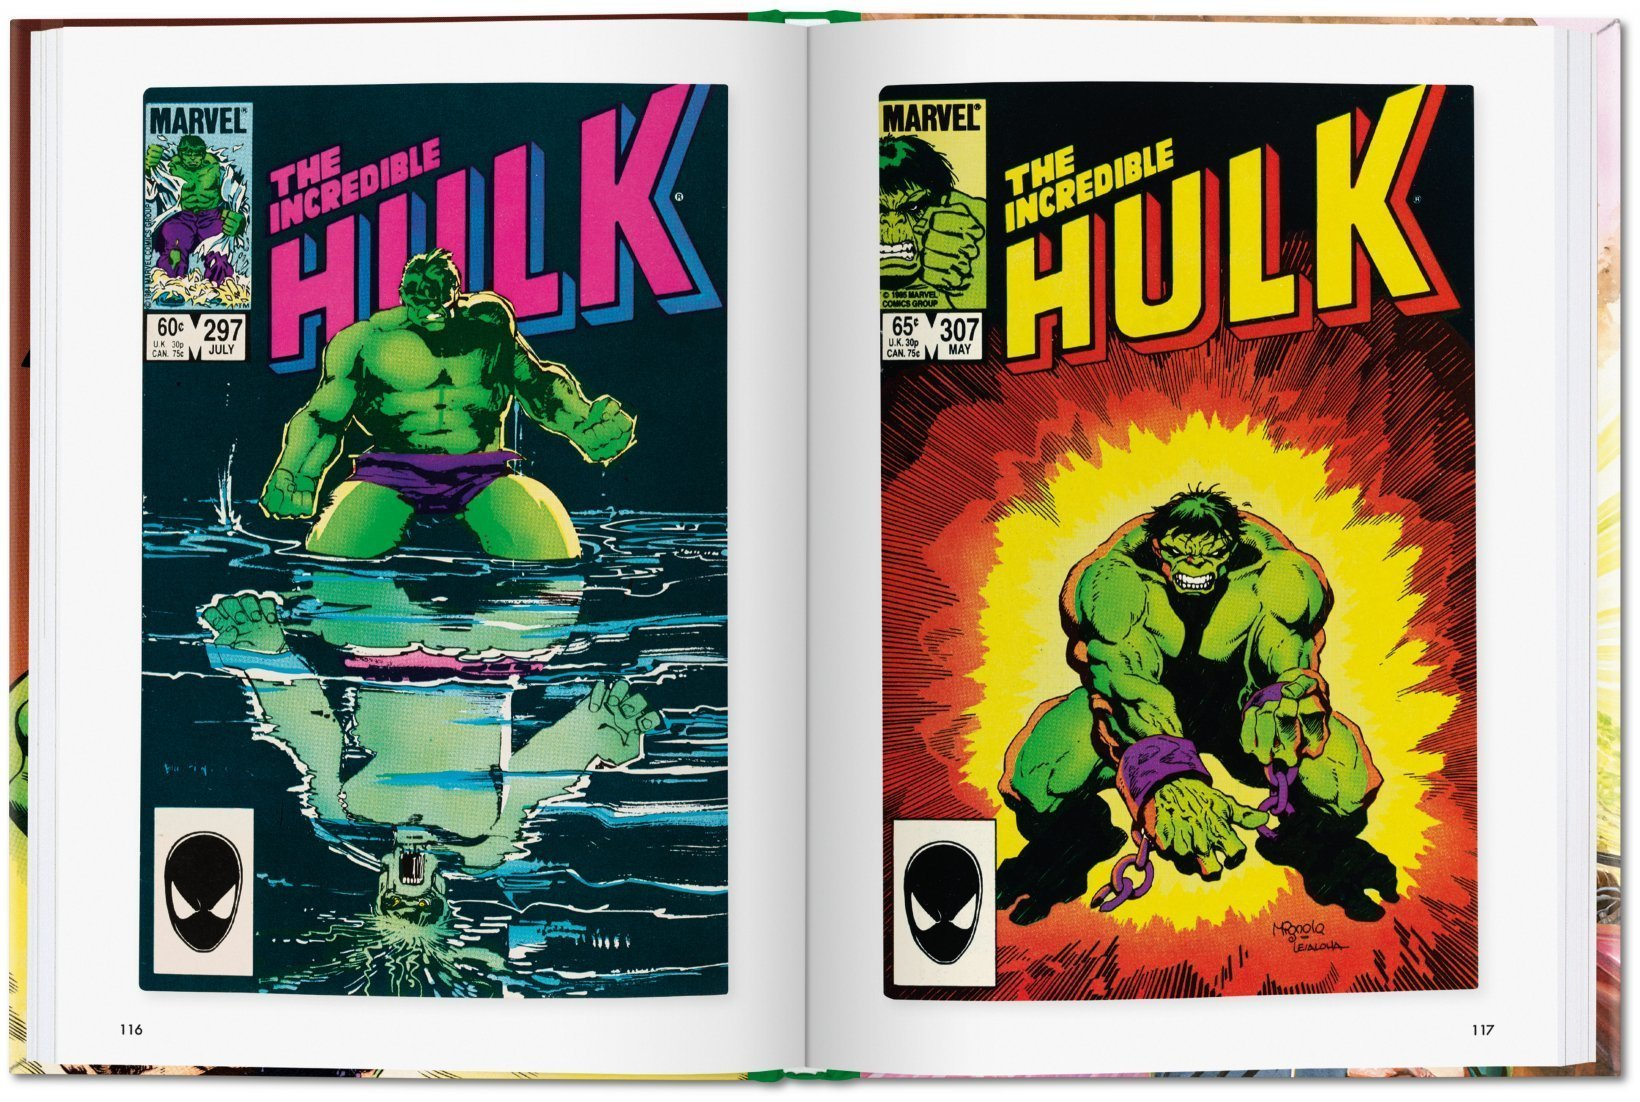 Marvel Universe Grey Hulk Comme neuf on Card